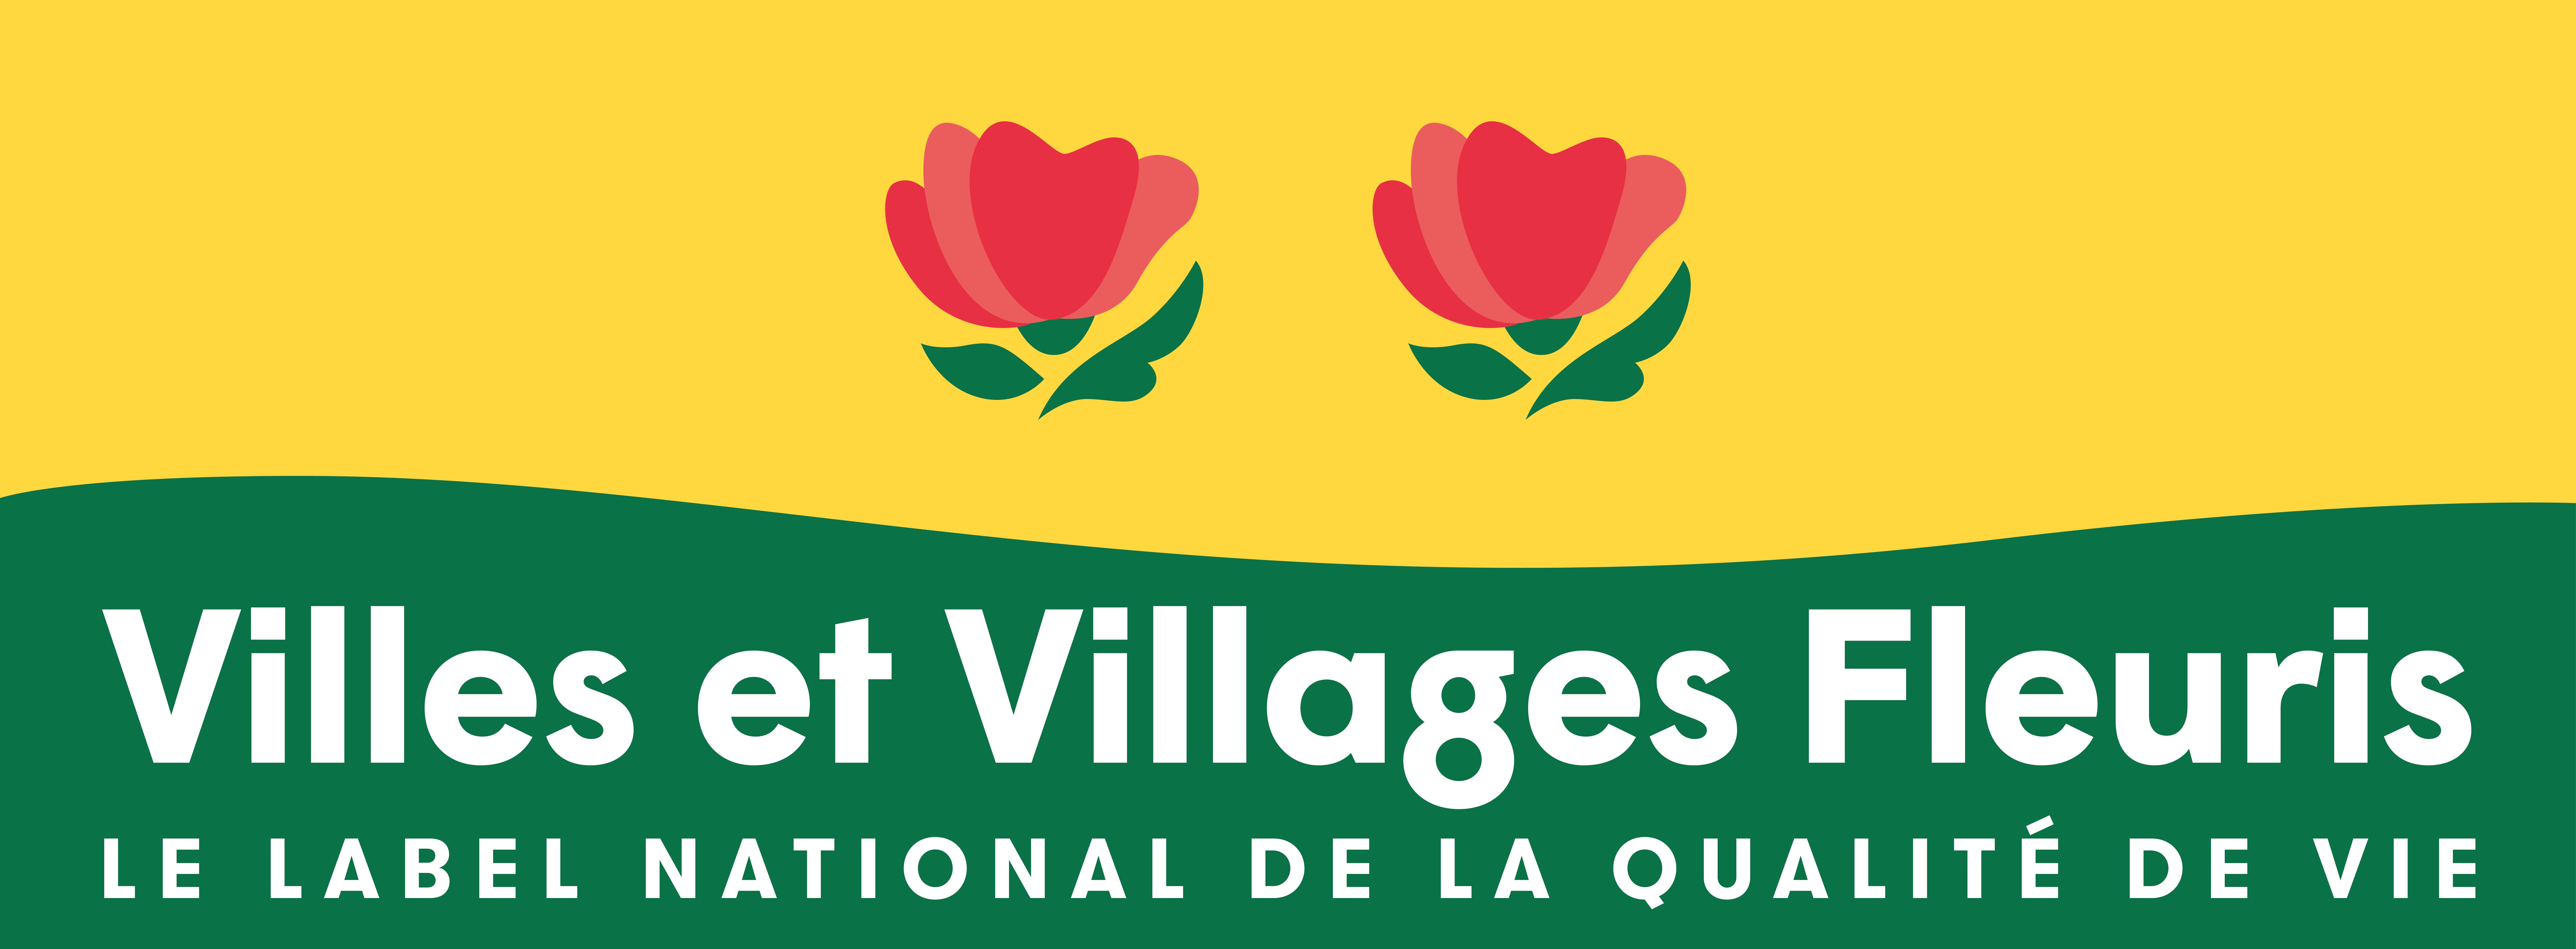 Villes_et_villages_fleuris_2_fleurs